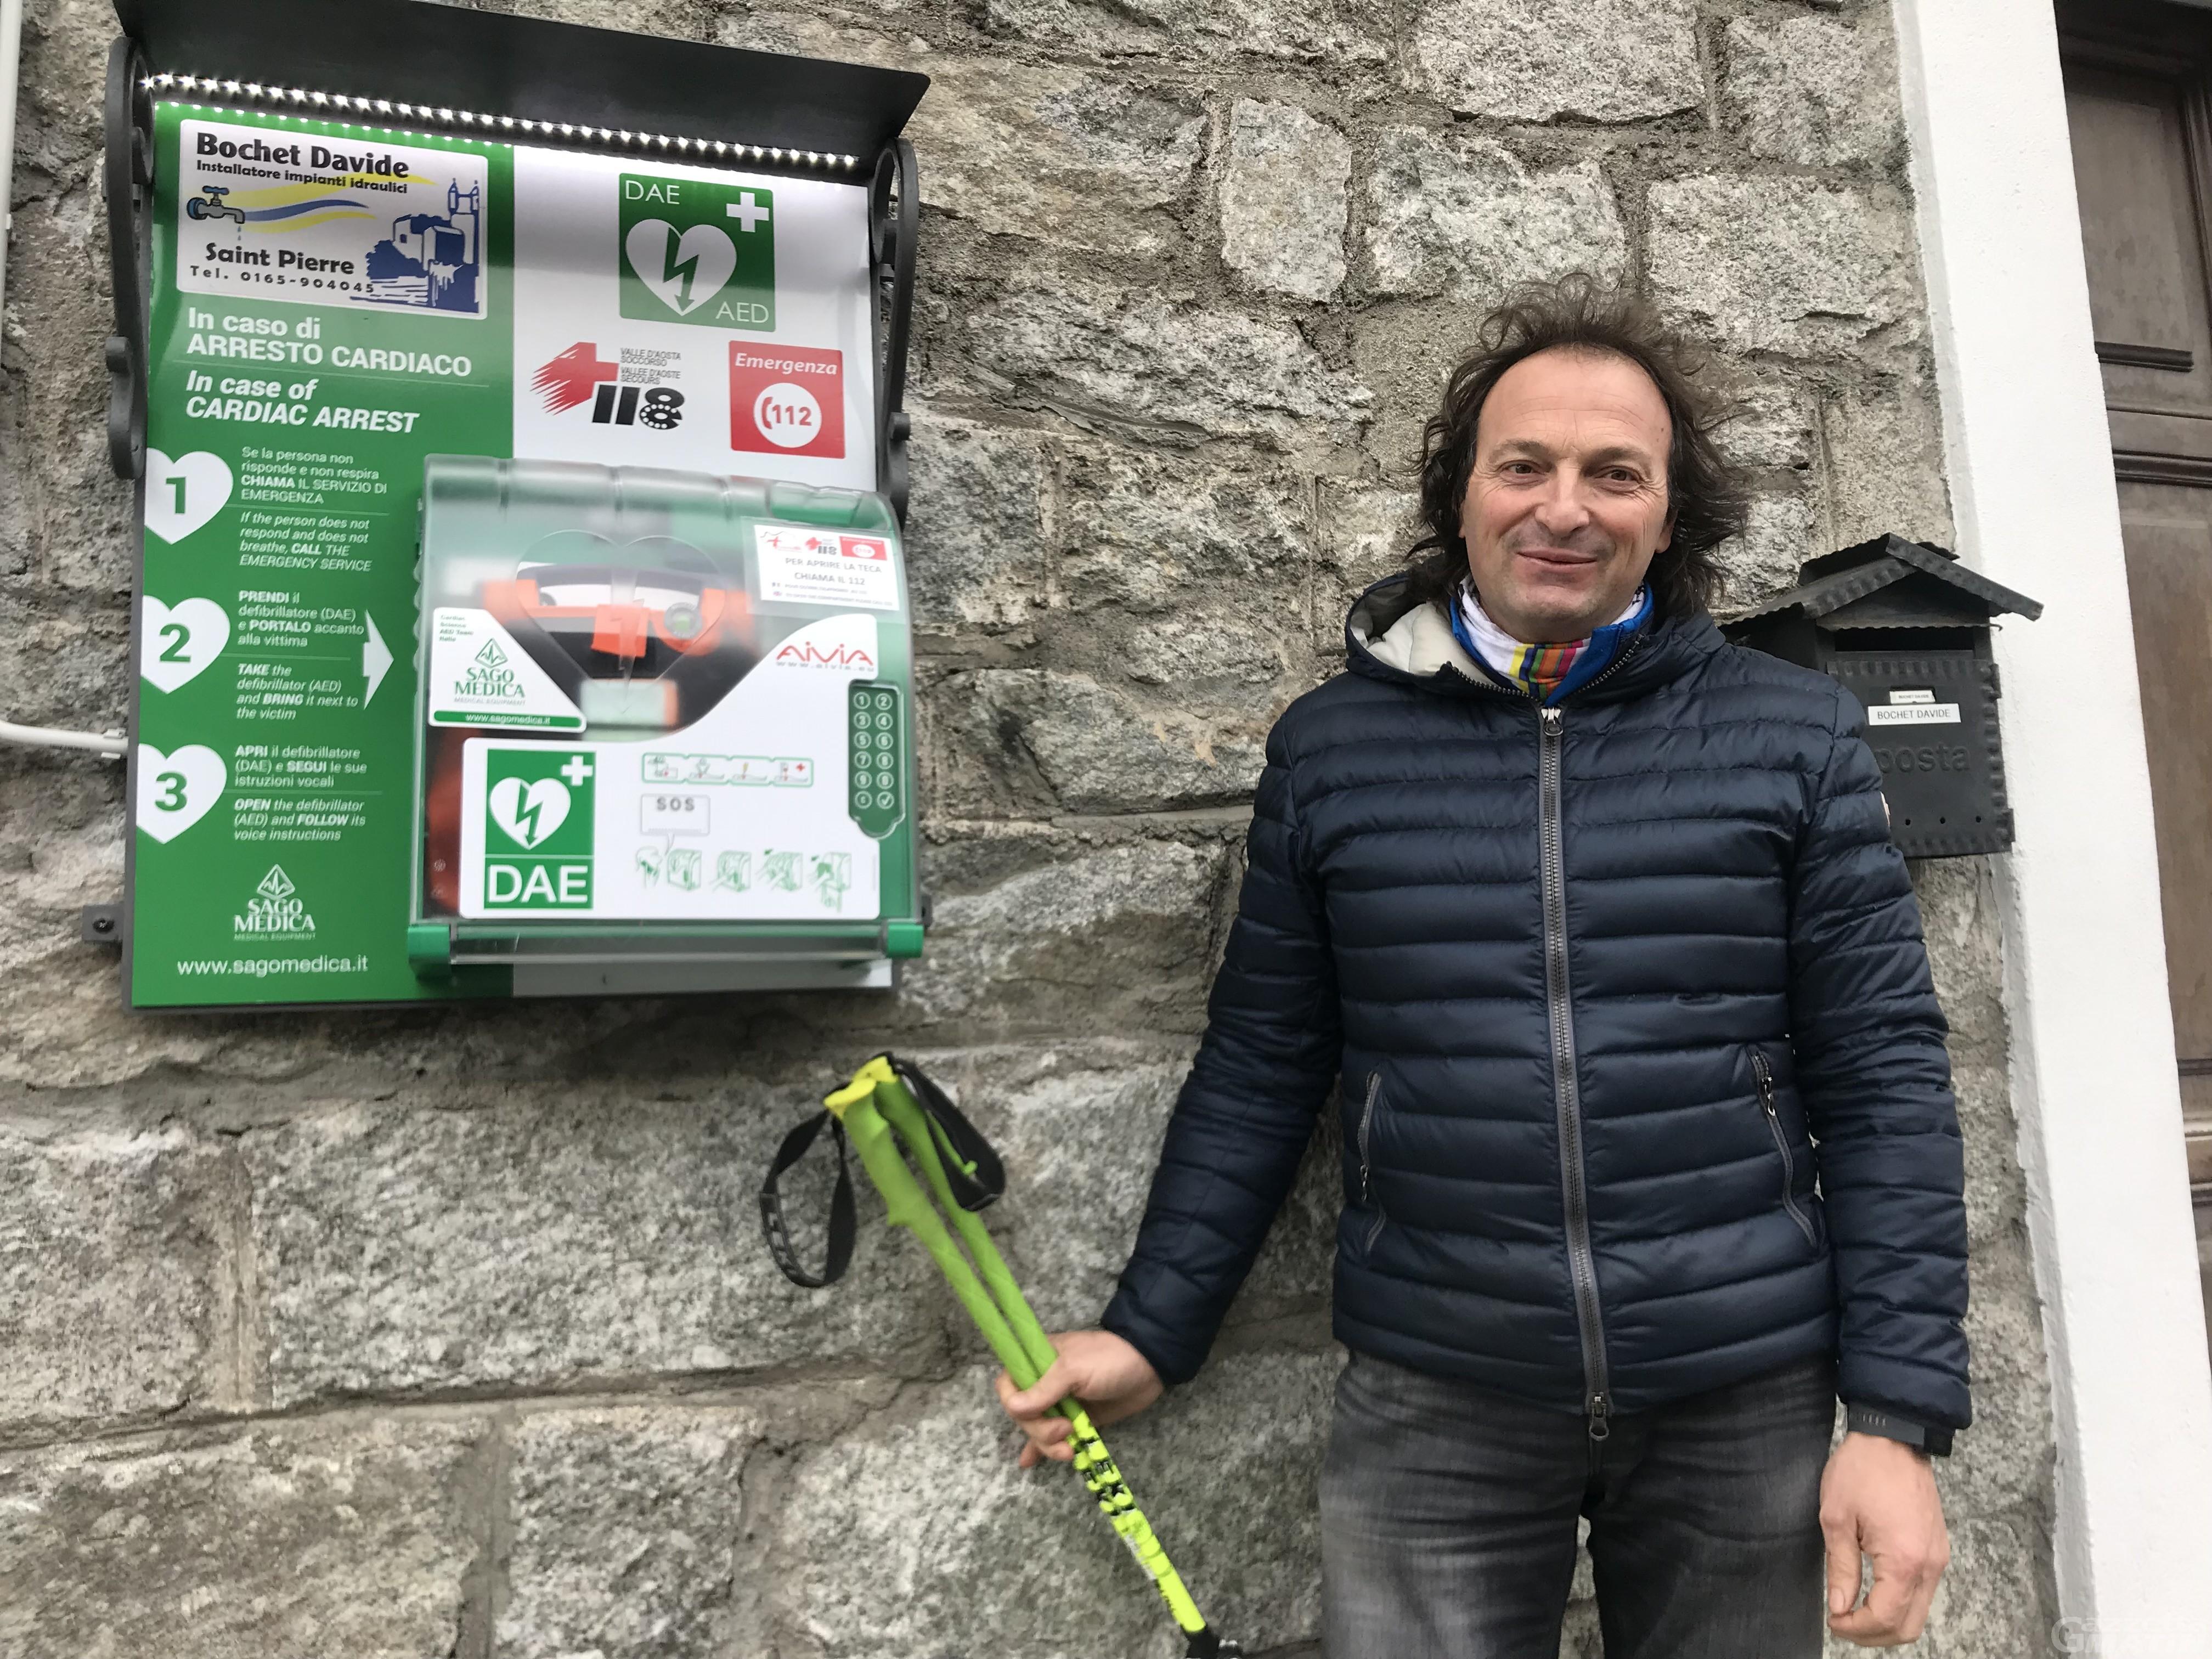 Salvato dopo un arresto cardiaco, dona 5 defibrillatori: la storia di Davide Bochet